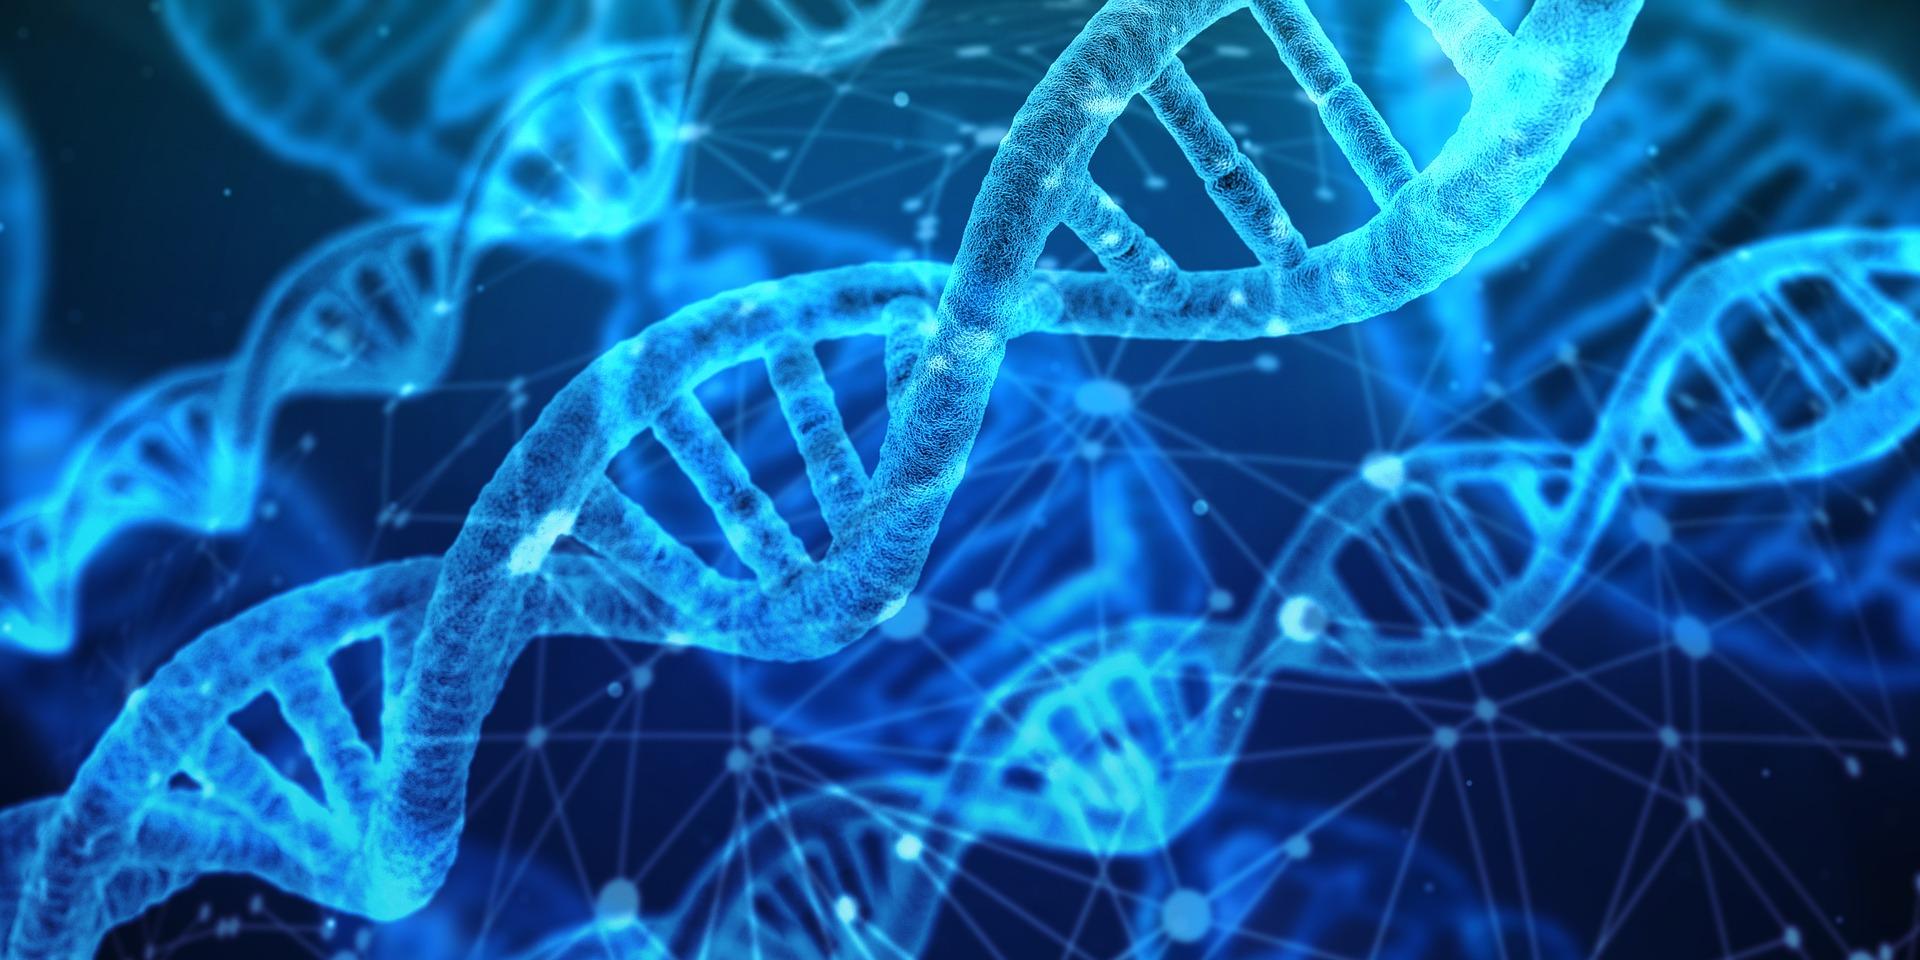 Genetica: CNV, een nieuw stuk in de genetische puzzel?